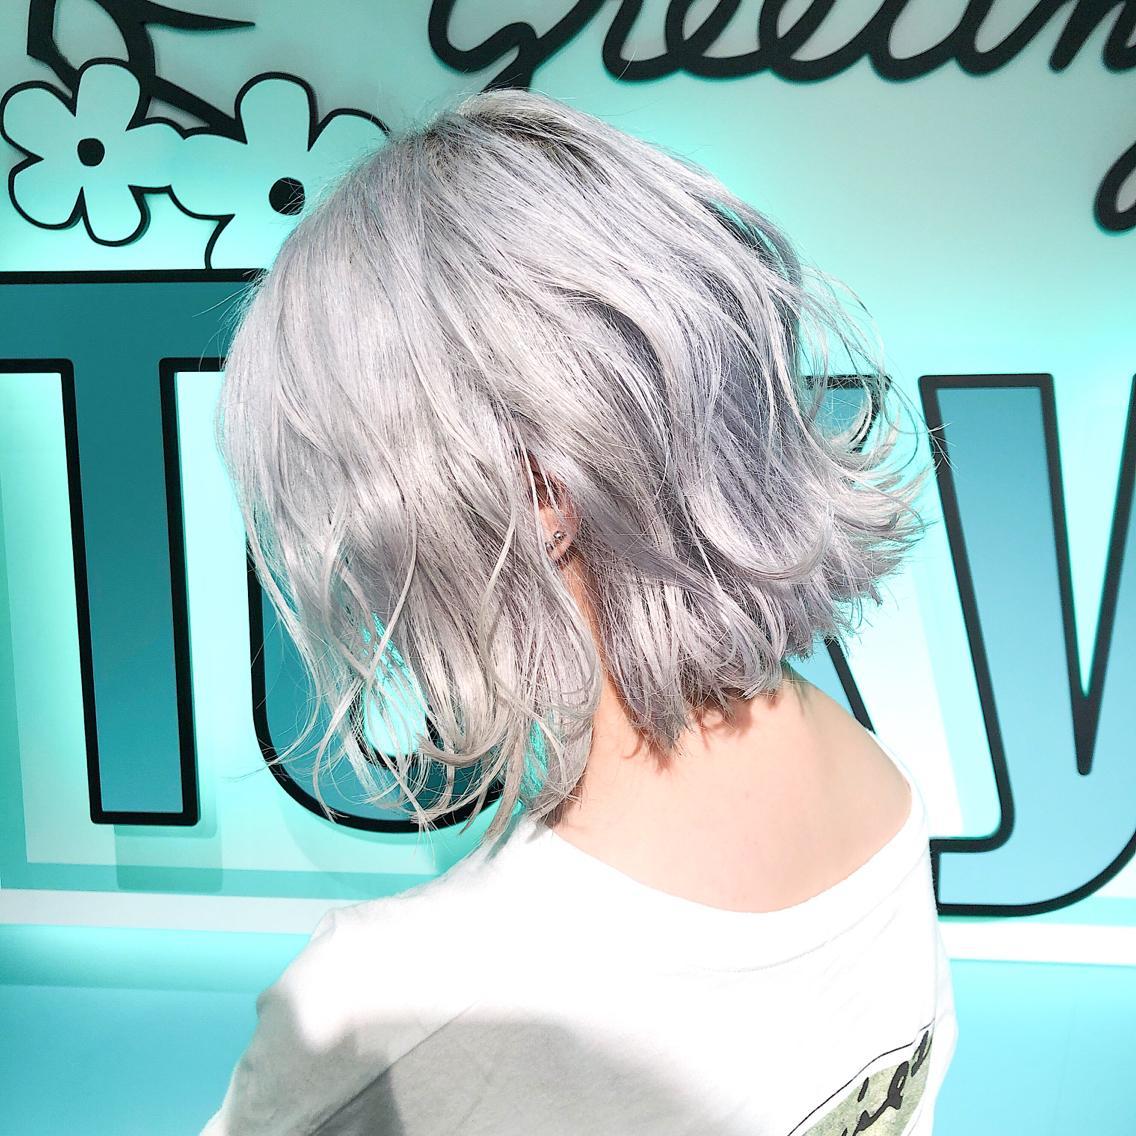 #ショート ・perfect White・ ✳︎11000円〜✳︎ ✳︎minaでブリーチ3〜5回出来れば綺麗なホワイトヘアを作れます👻 ✳︎ ✳︎ダメージが強いとブリーチが出来ない場合もあるのでご了承ください ✳︎ムラシャンはエンシェールズのシャンプーを薄めて使うのがオススメ🧖🏻♀️ ✳︎ ✳︎黒染めや縮毛、デジパをしていなくてダメージがひどくなければおおよそ4〜5回ブリーチで出来ます🦄✳︎ 最後まで可愛く仕上げます🇰🇷 ✳︎ お店の近くにあるティファニーカフェで映えな写真もプレゼントします🦄 ✳︎ ✳︎黒染め履歴、ダメージが強い方はでホワイトにはならないです💦  #原宿#ハイトーンカラー#シルバーカラー#ヘアカラー#ネイビーカラー#ホワイトカラー#ブロンドヘアー#アッシュ#ケアブリーチ#ブロンドカラー#派手髪#ラベンダーカラー#ミルクティーカラー#アッシュ#ミルクティーベージュ#ブルージュ#グレージュ#ピンクカラー#インナーカラー#ハイライトカラー#グラデーションカラー#bts#seventeen#twice ✳︎ ✳︎ ✳︎